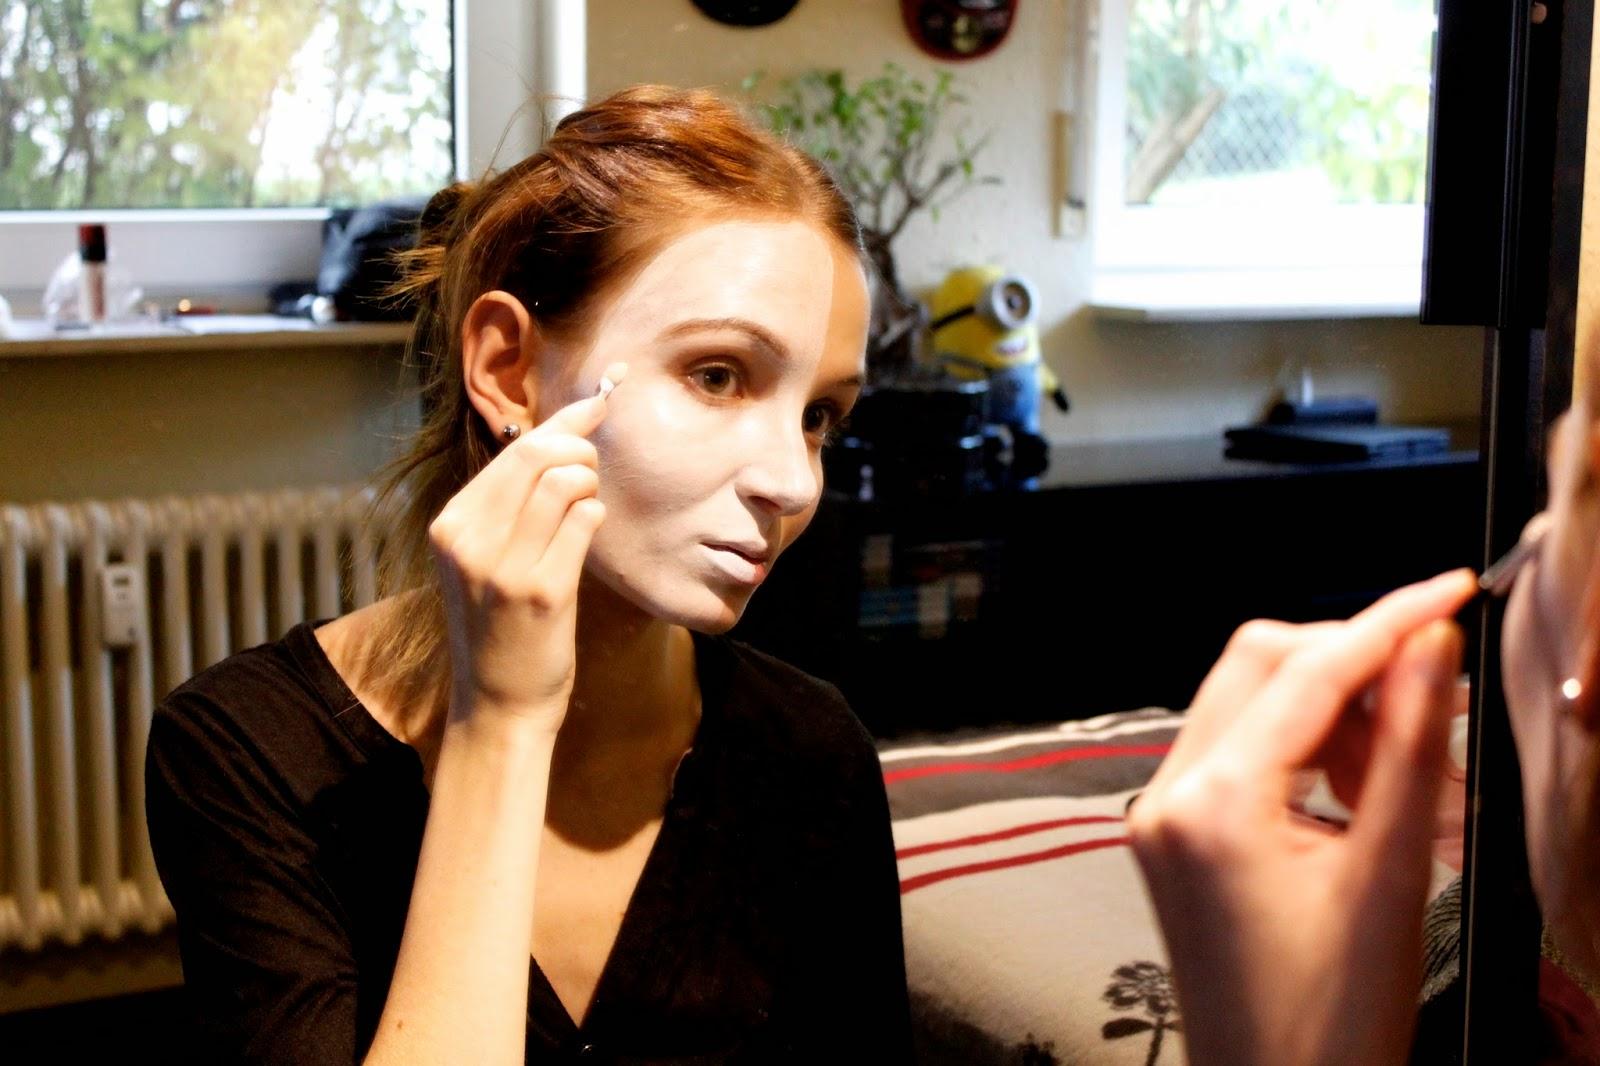 Halloween DIY Beauty-Zombie